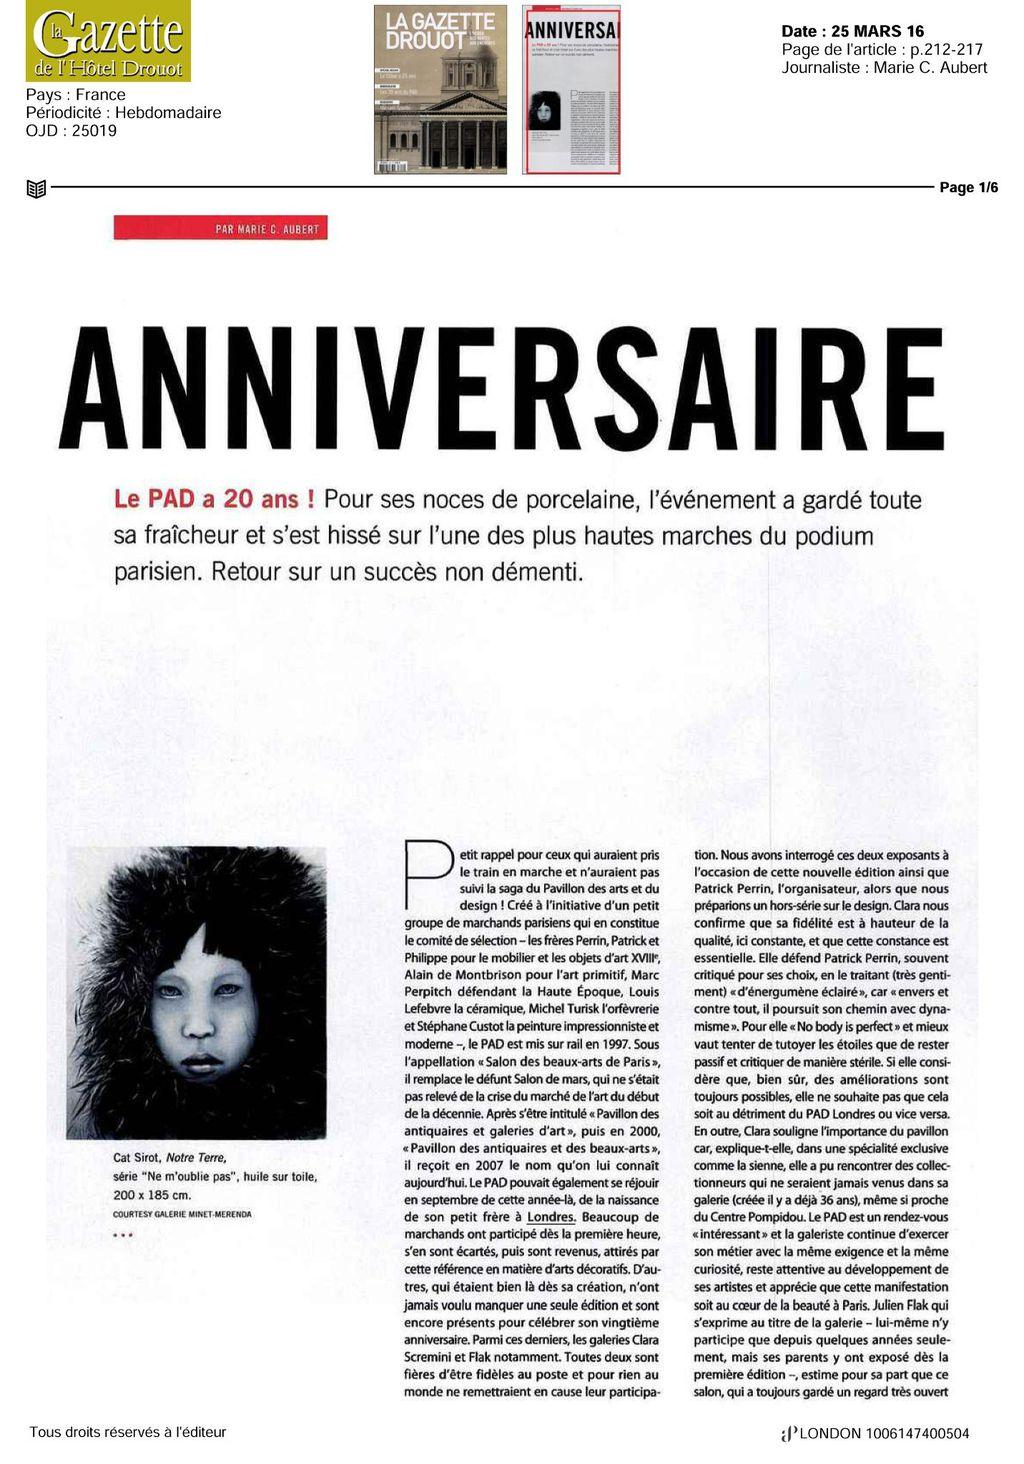 gazette_de_drouot_mars_2016_p1